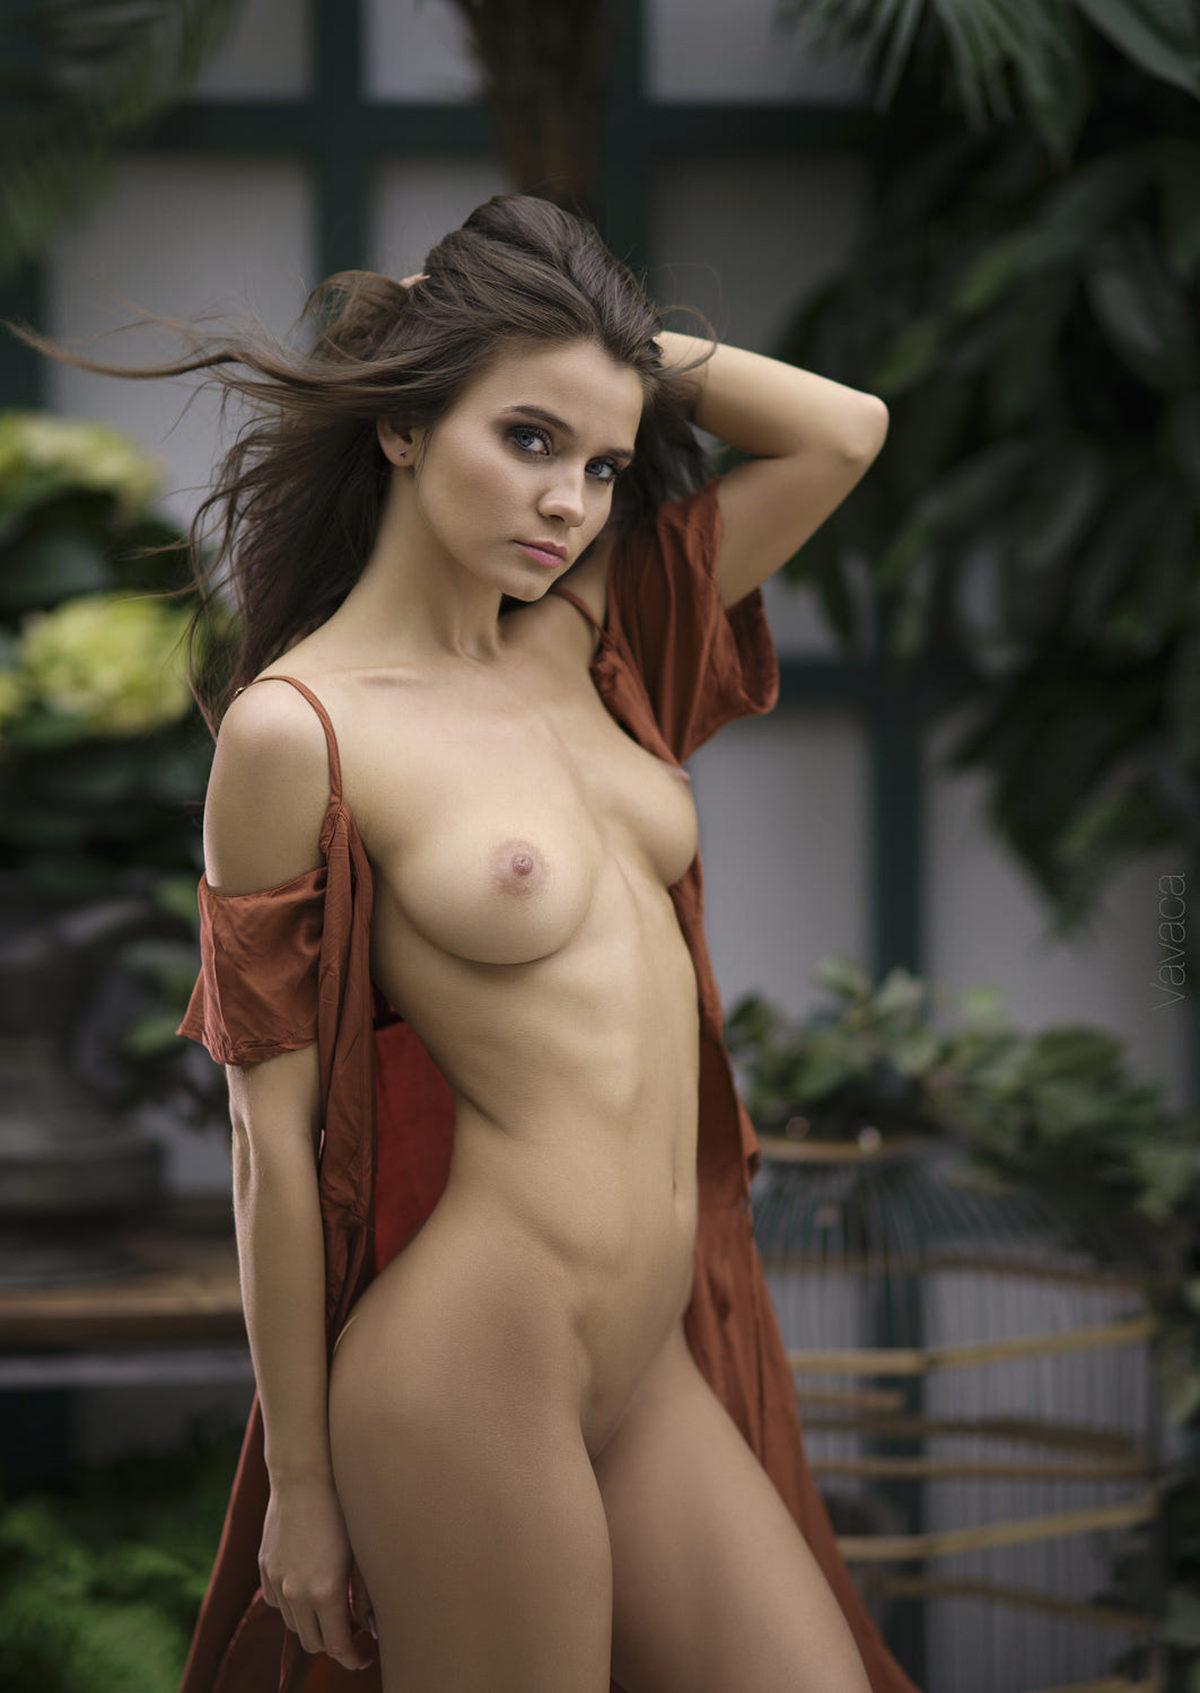 Yekaterina makárova porn star